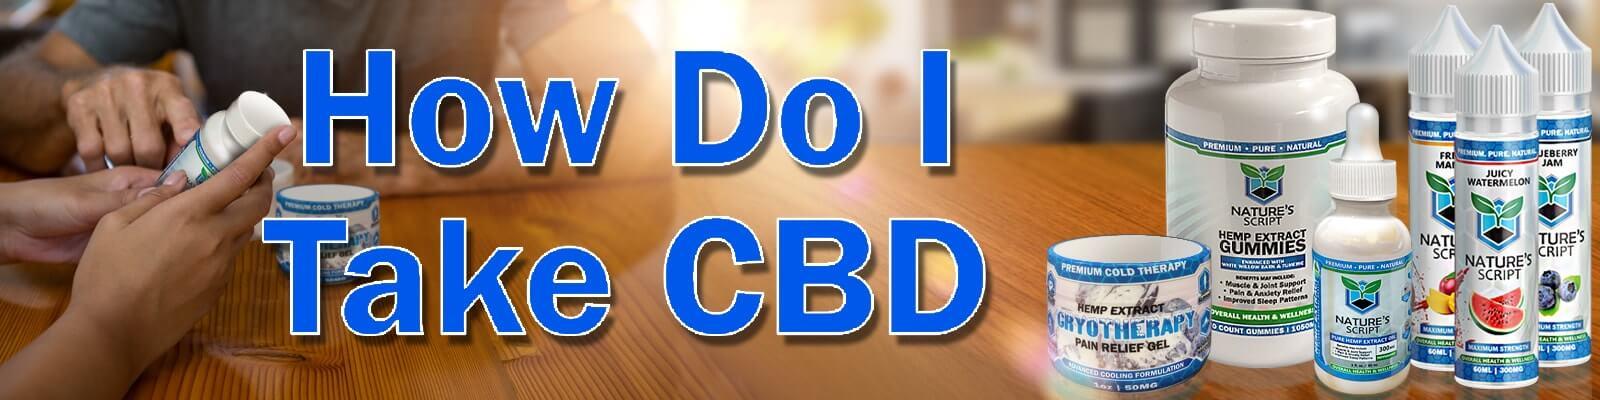 how do I take CBD?